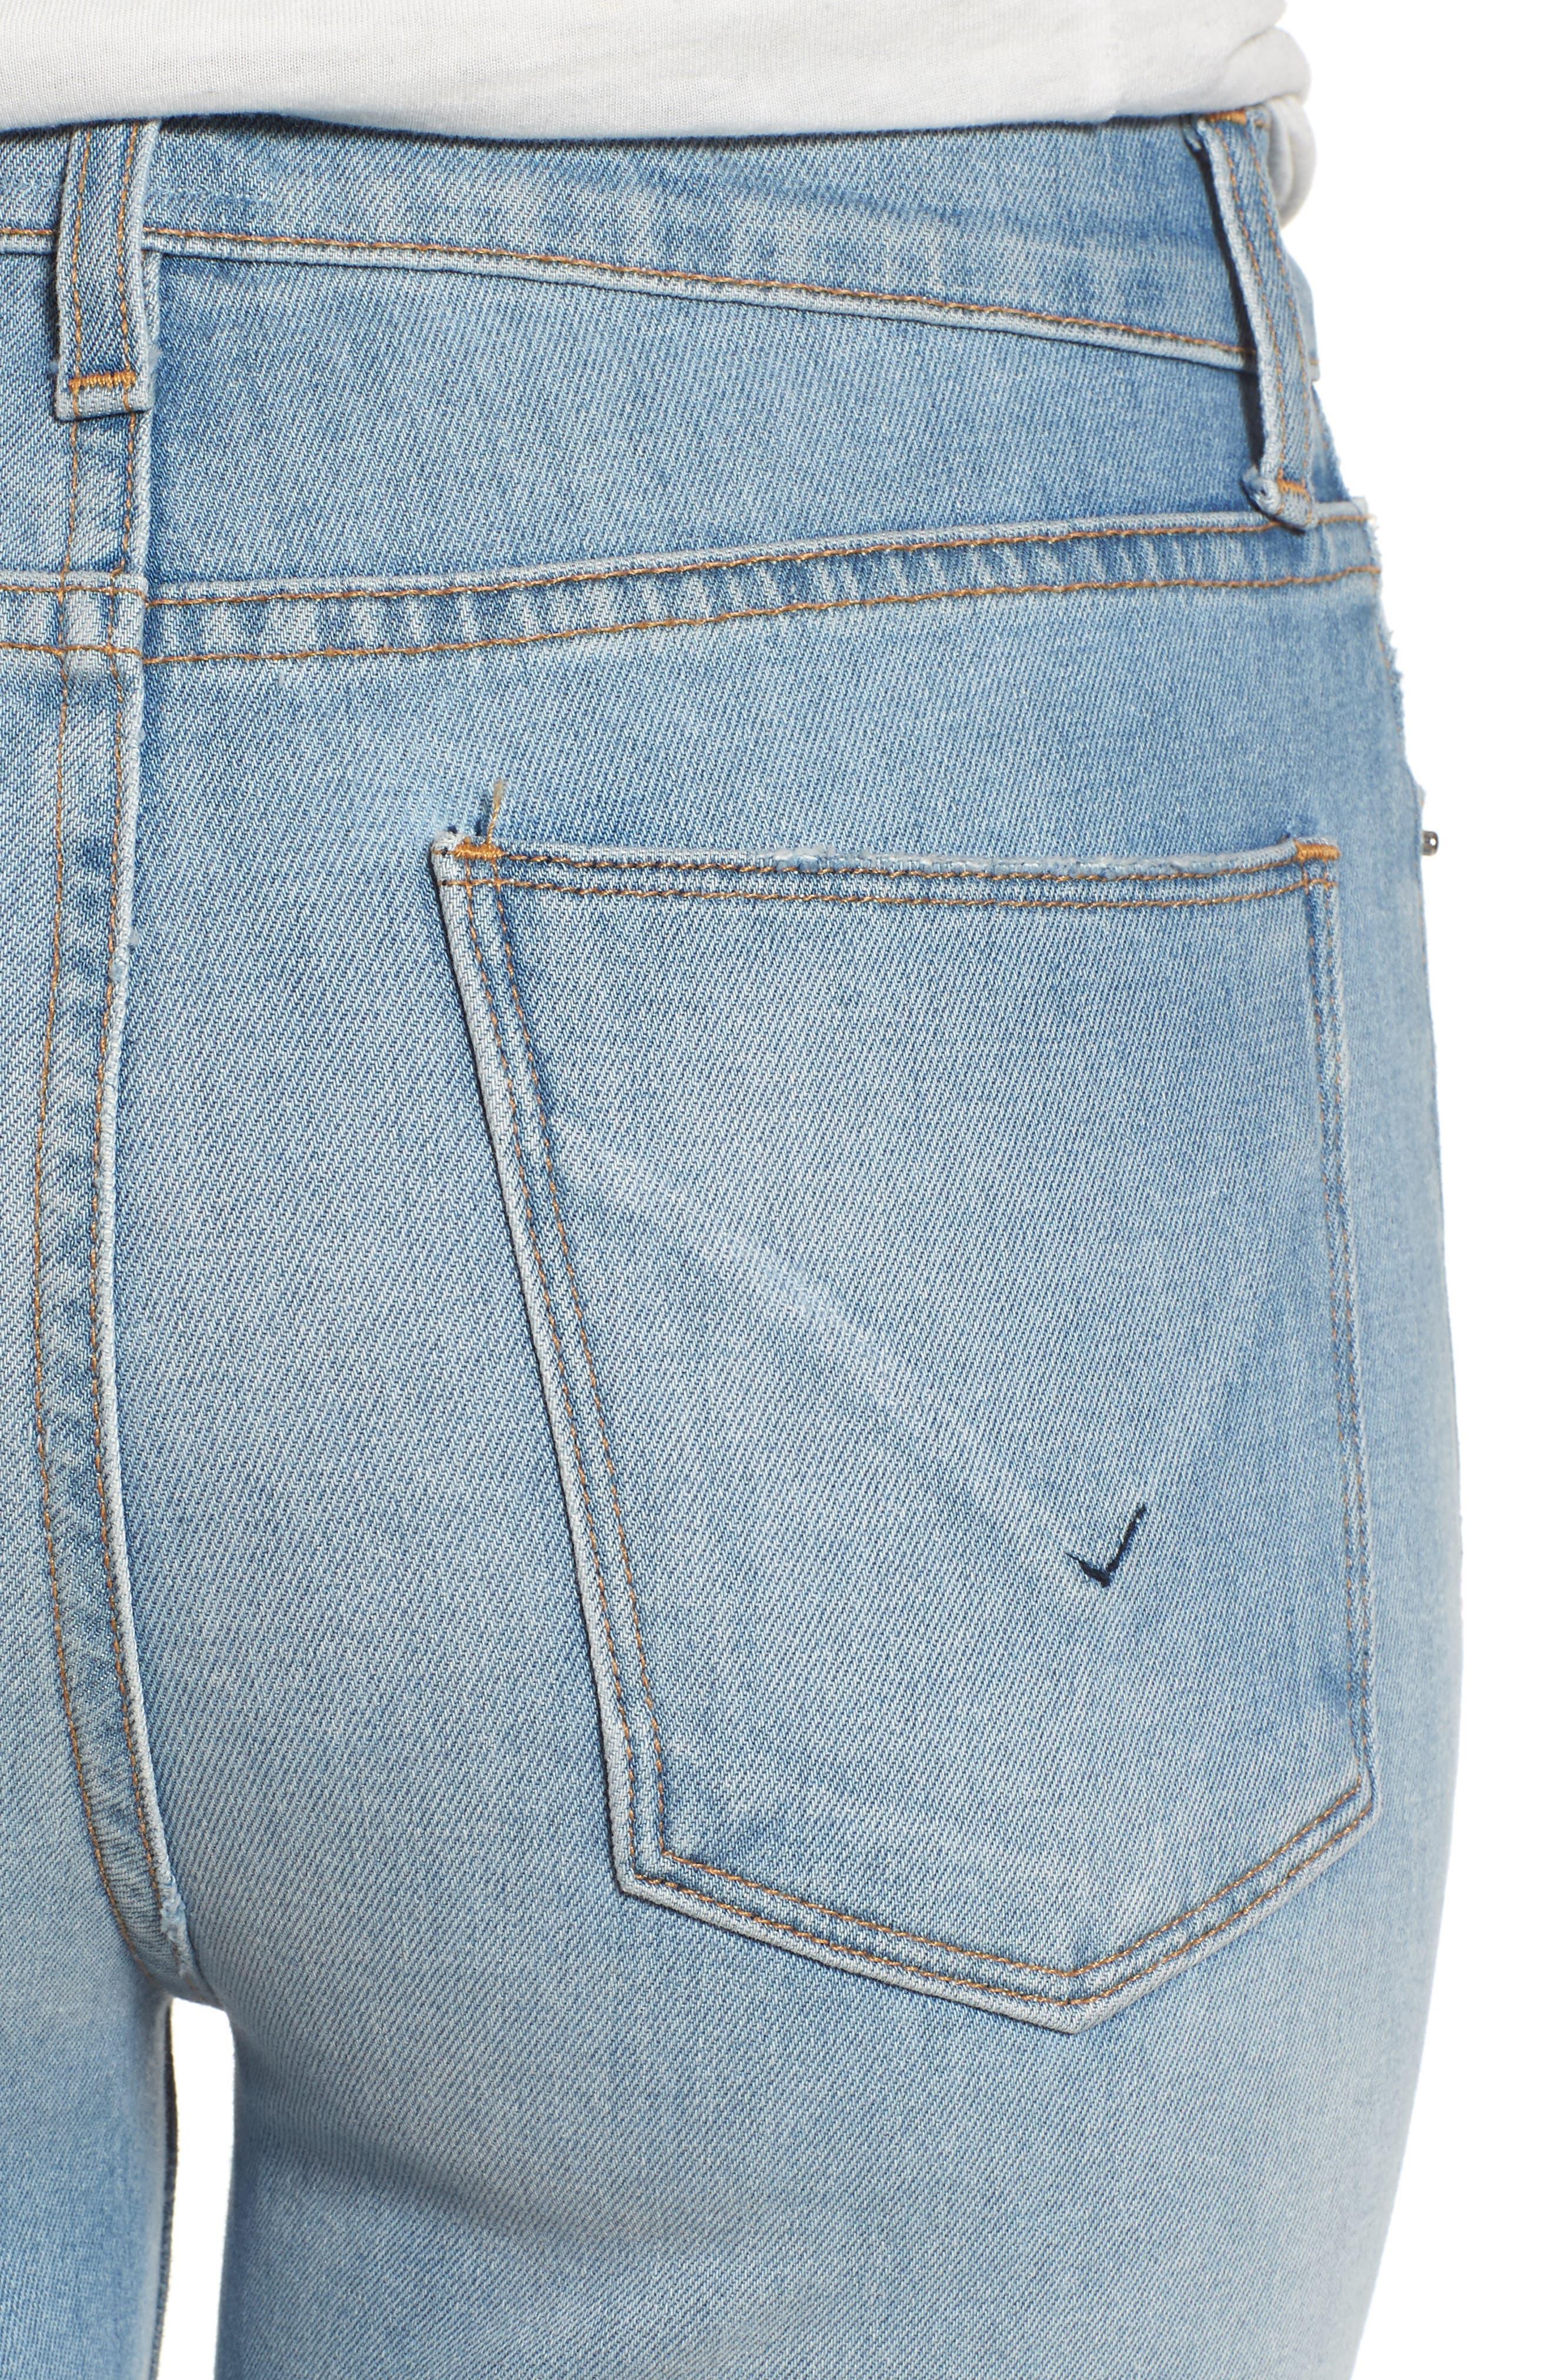 Alternate Image 4  - Hudson Jeans Zoeey High Waist Cutoff Boyfriend Shorts (Love St.)